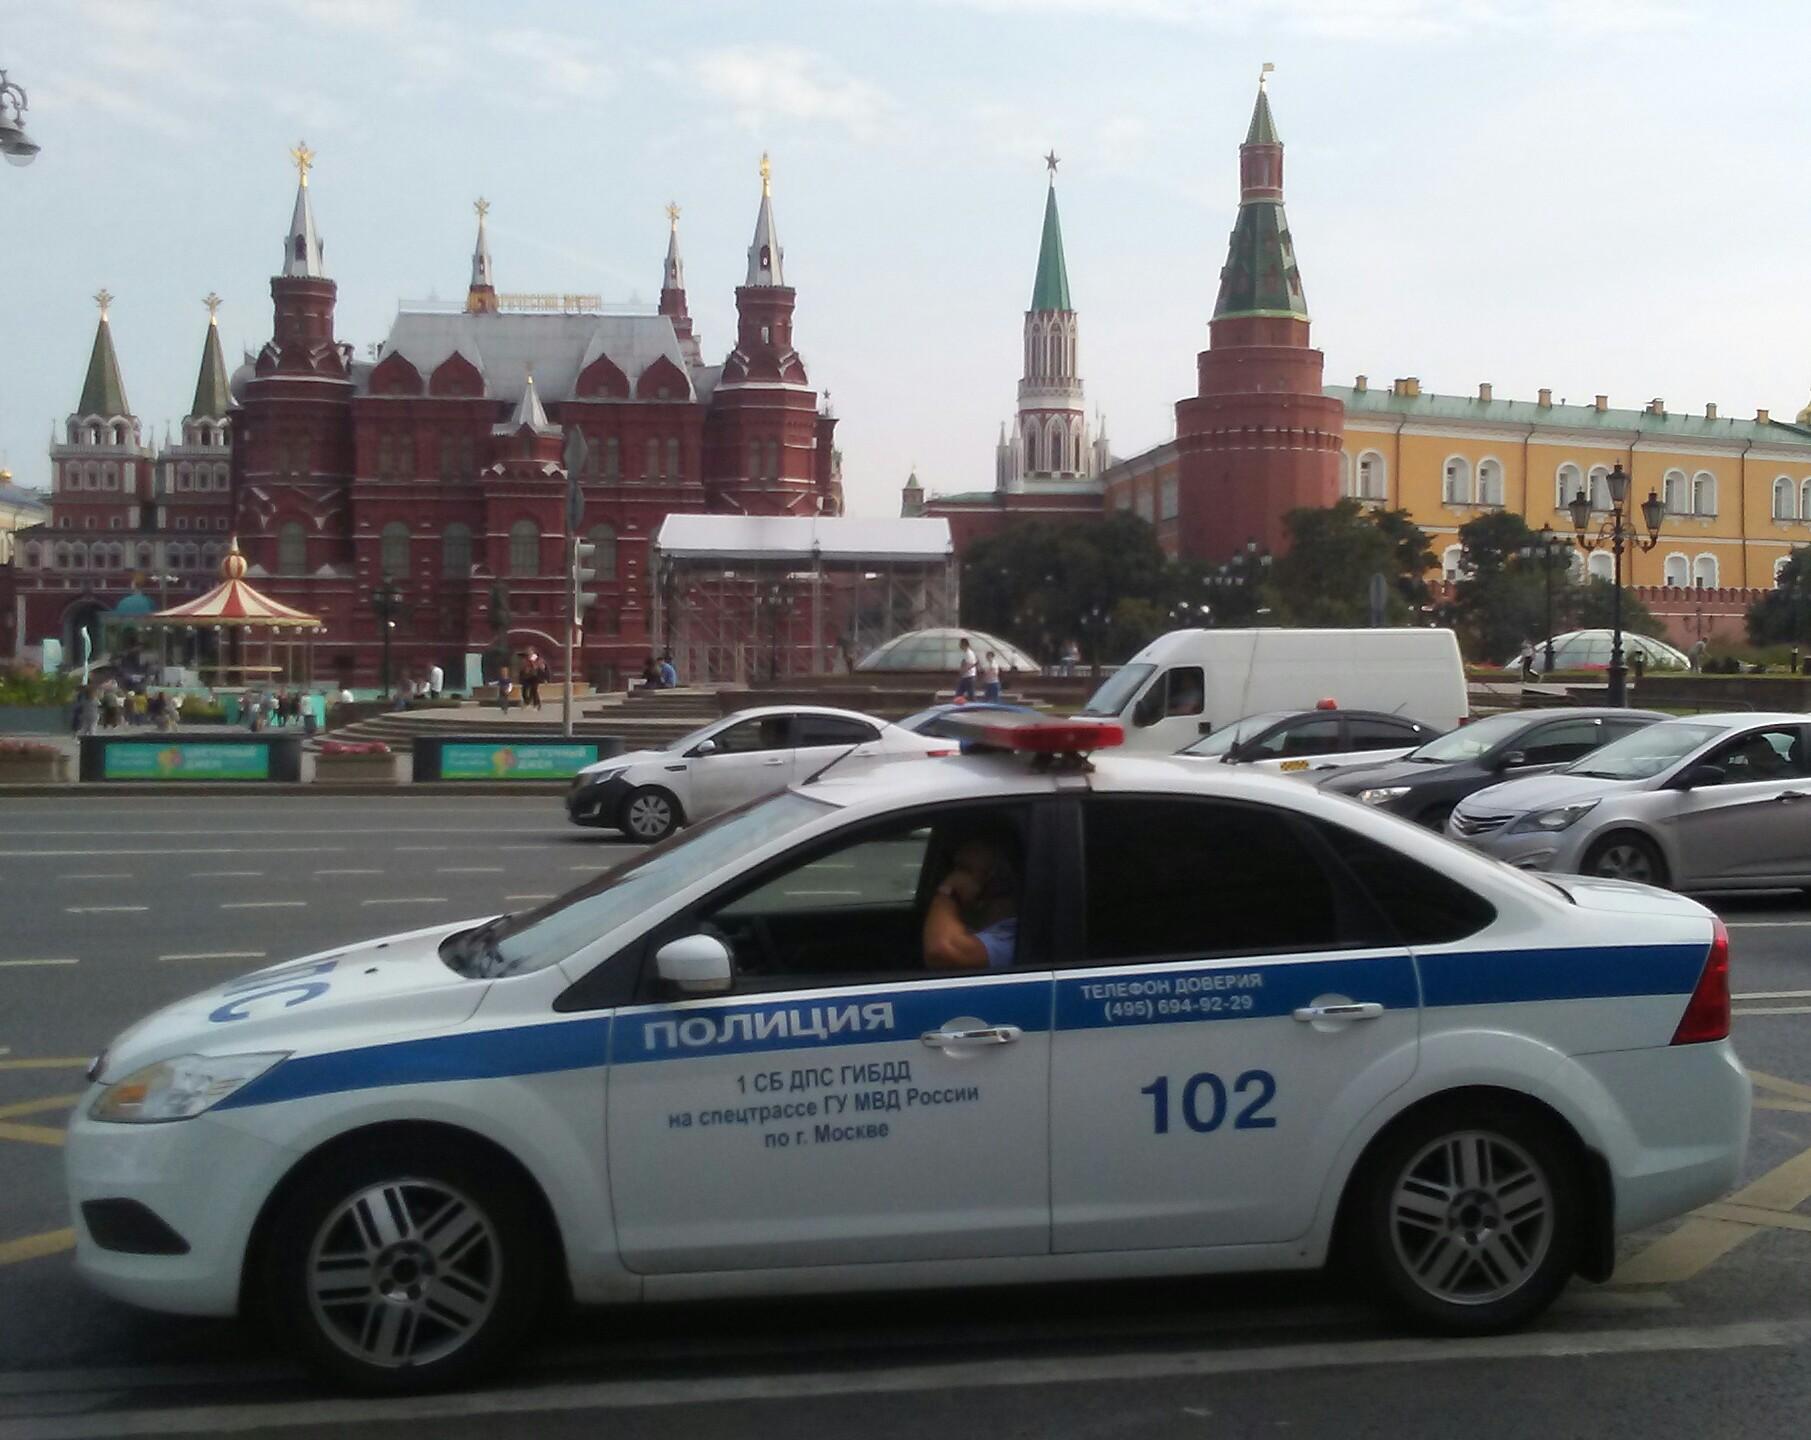 moscow police car.jpg